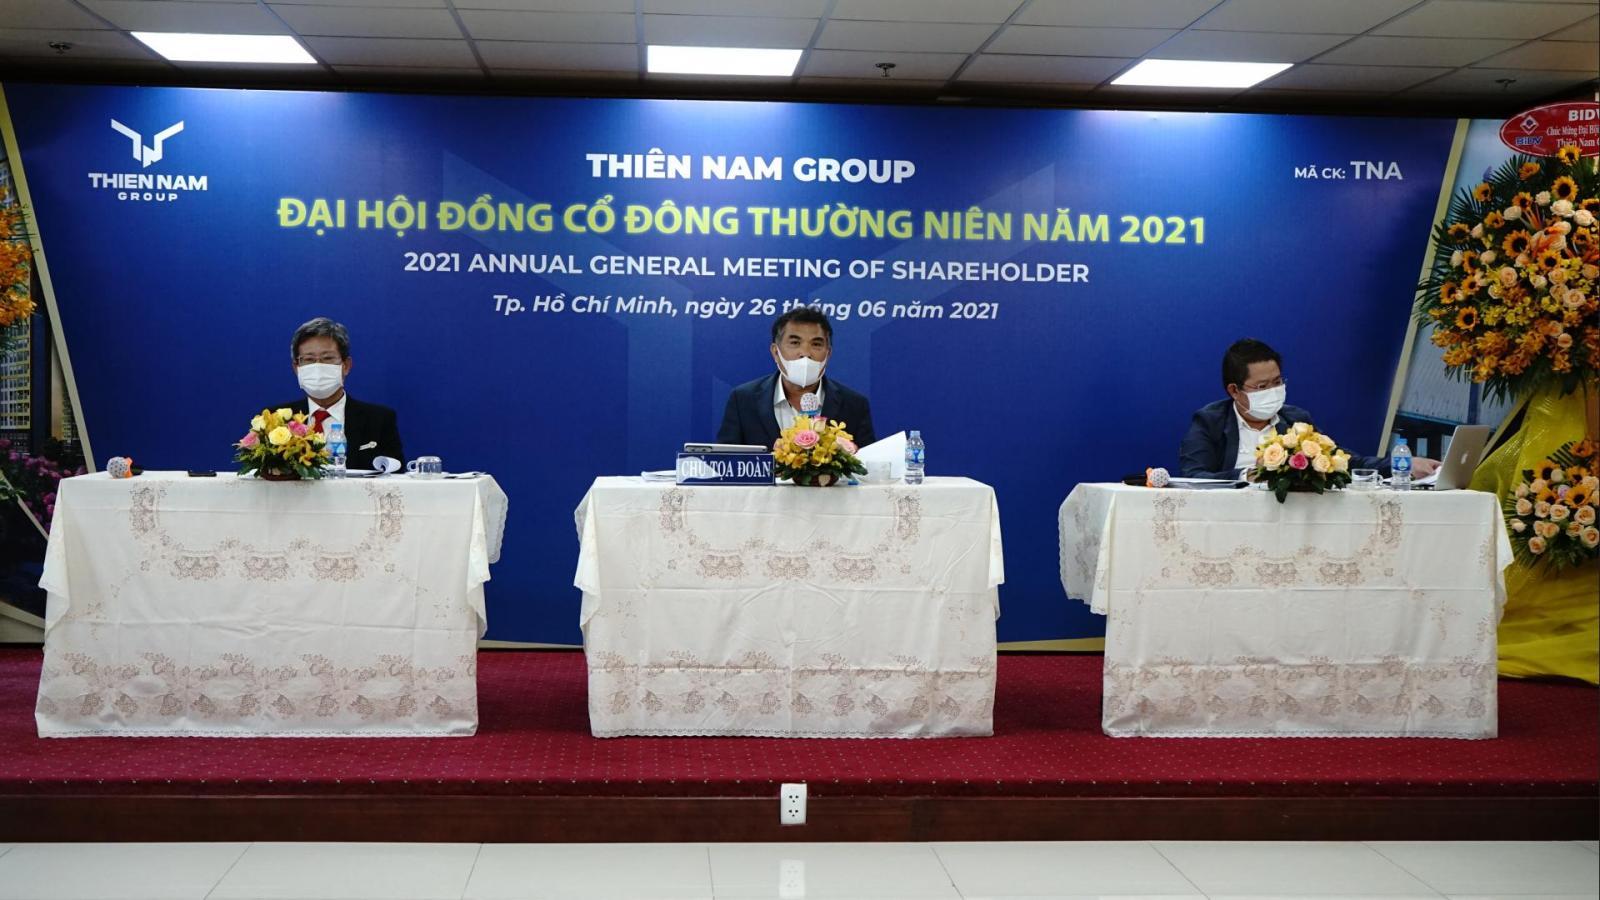 Các chủ tọa tại Đại hội đồng Cổ đông Thường niên năm 2021 của Thiên Nam Group